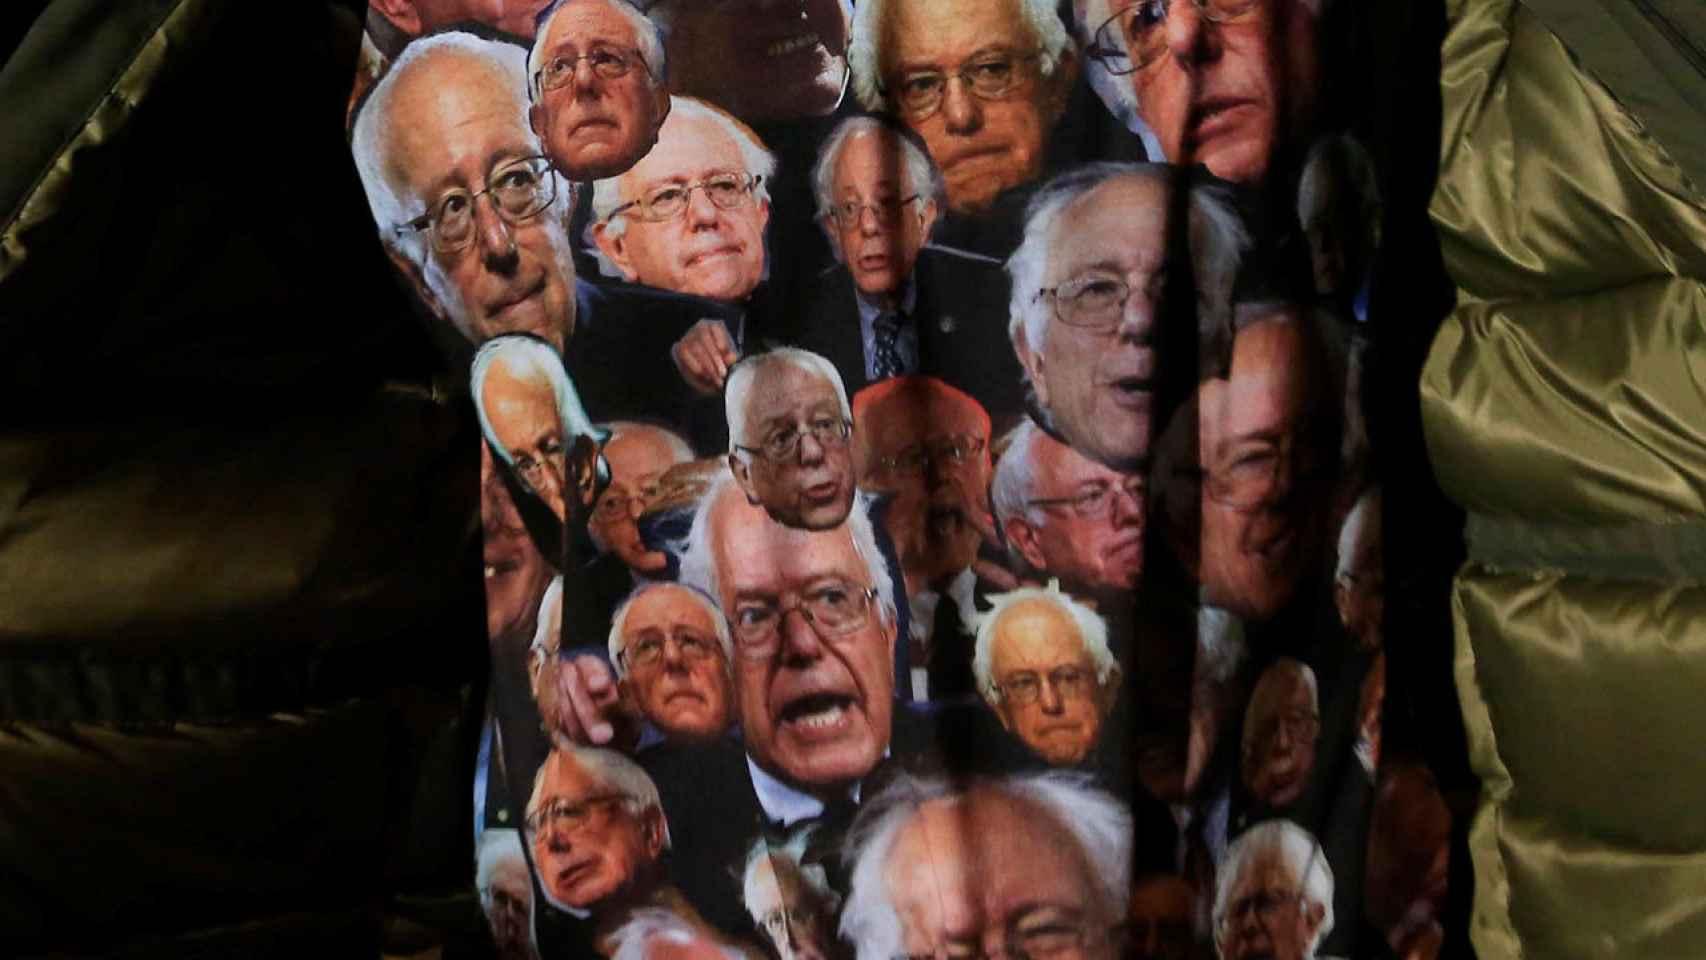 Un joven muestra una camiseta con las caras de Sanders